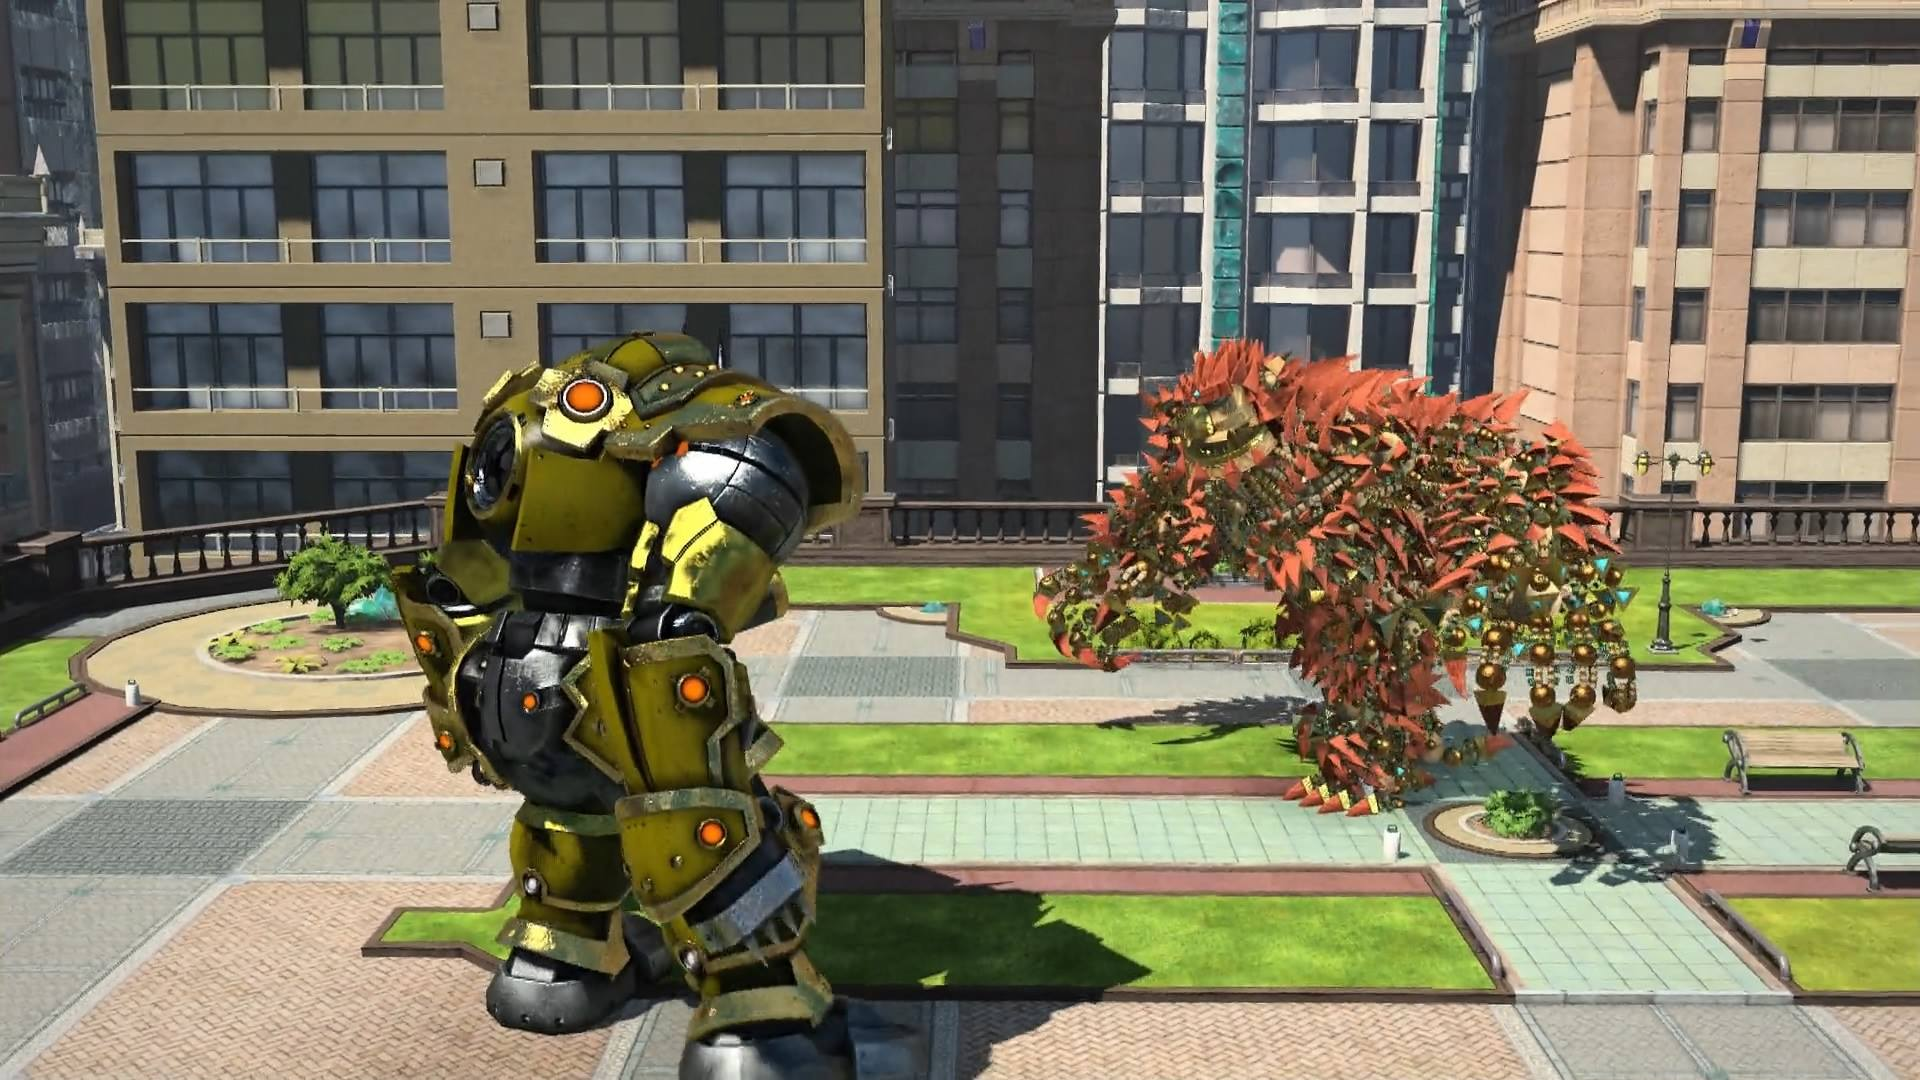 [PS4] Консольный гейминг с Сарказмо – Knack - Изображение 6